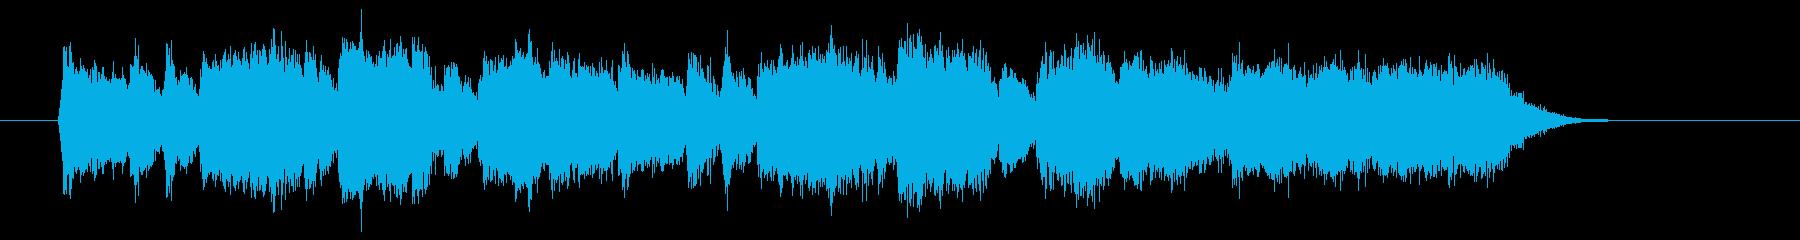 優しく美しいシンセオルガンサウンドの再生済みの波形